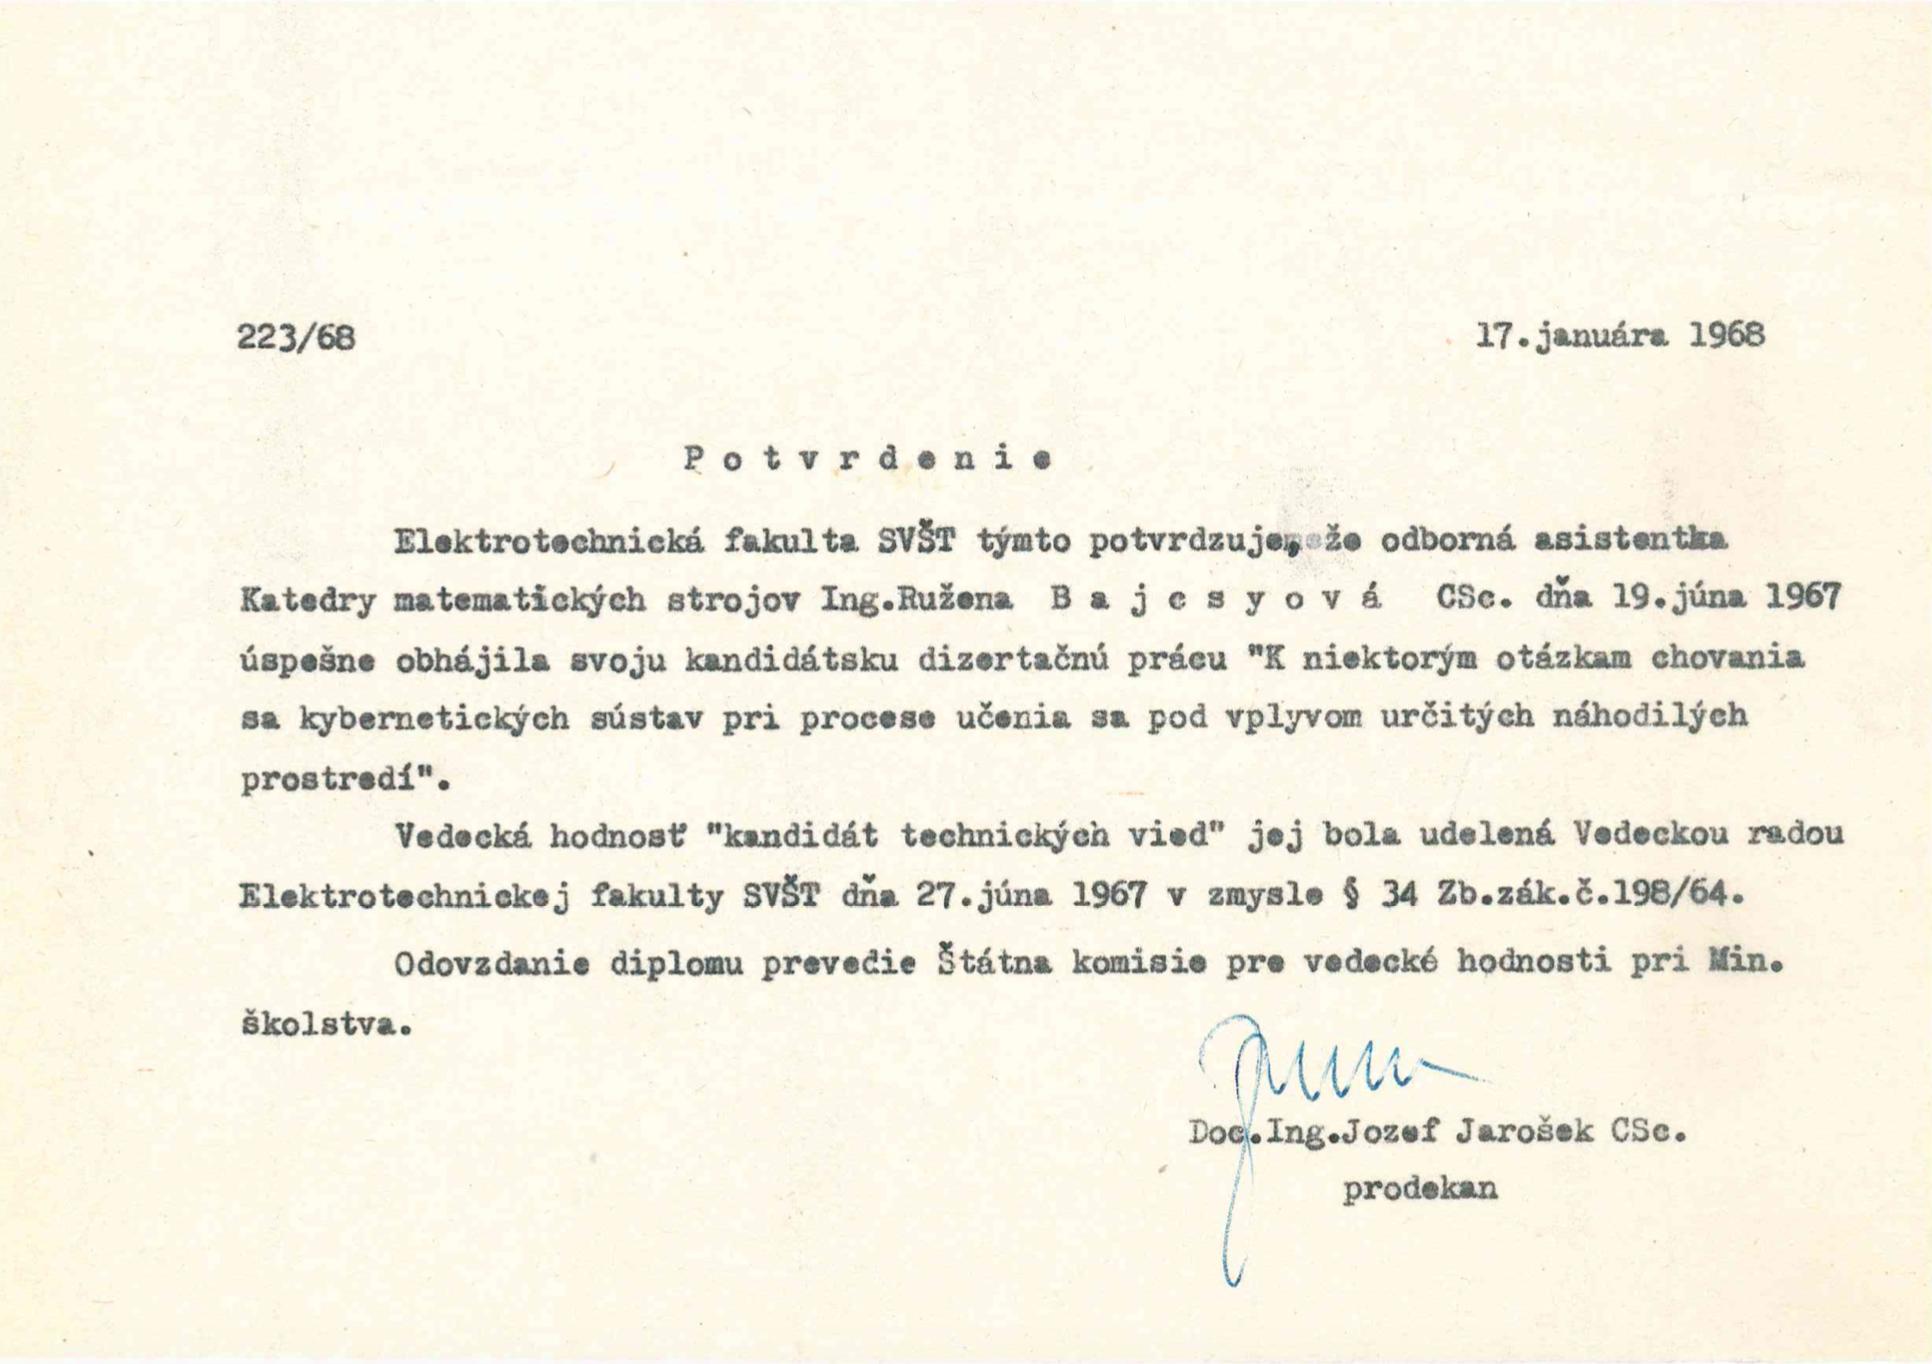 Potvrdenie o doktoráte Ruženy Bajcsyovej na SVŠT